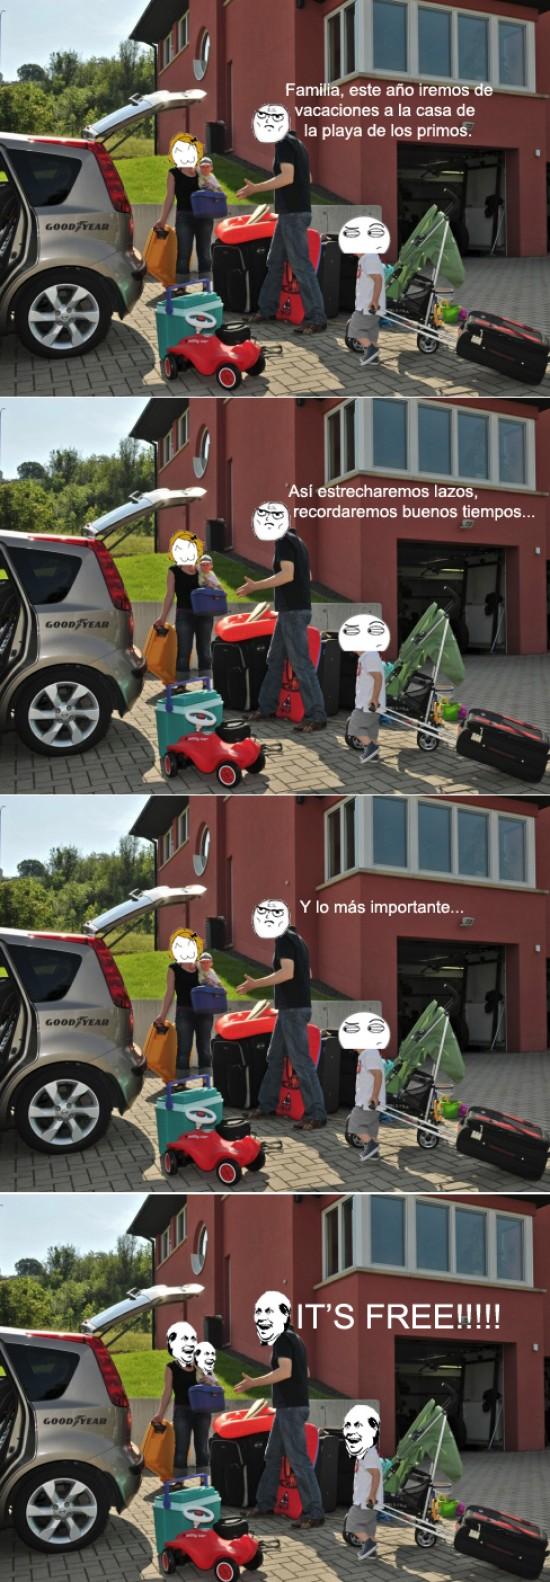 Its_free - Vacaciones en Familia